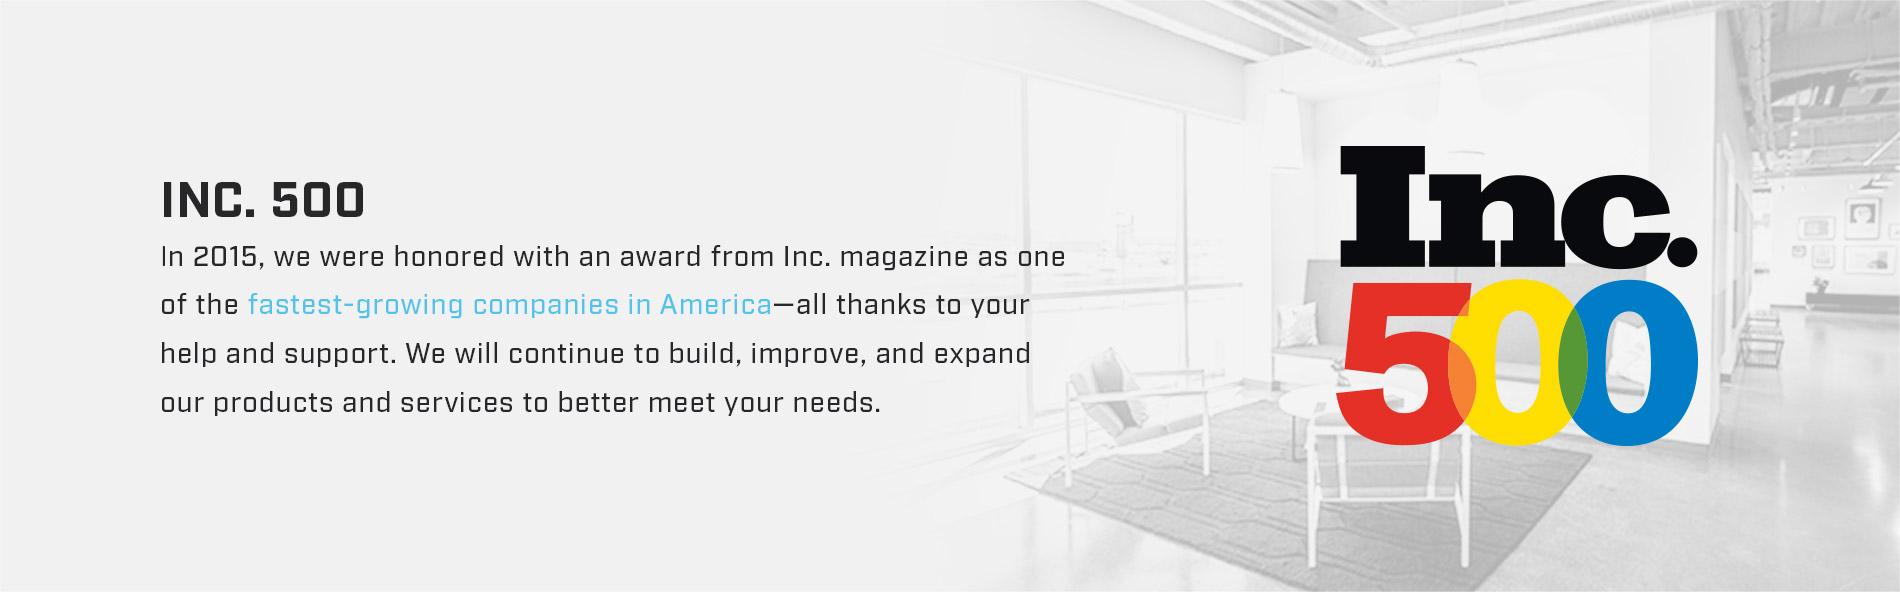 BodyGuardz is an Inc. 500 company